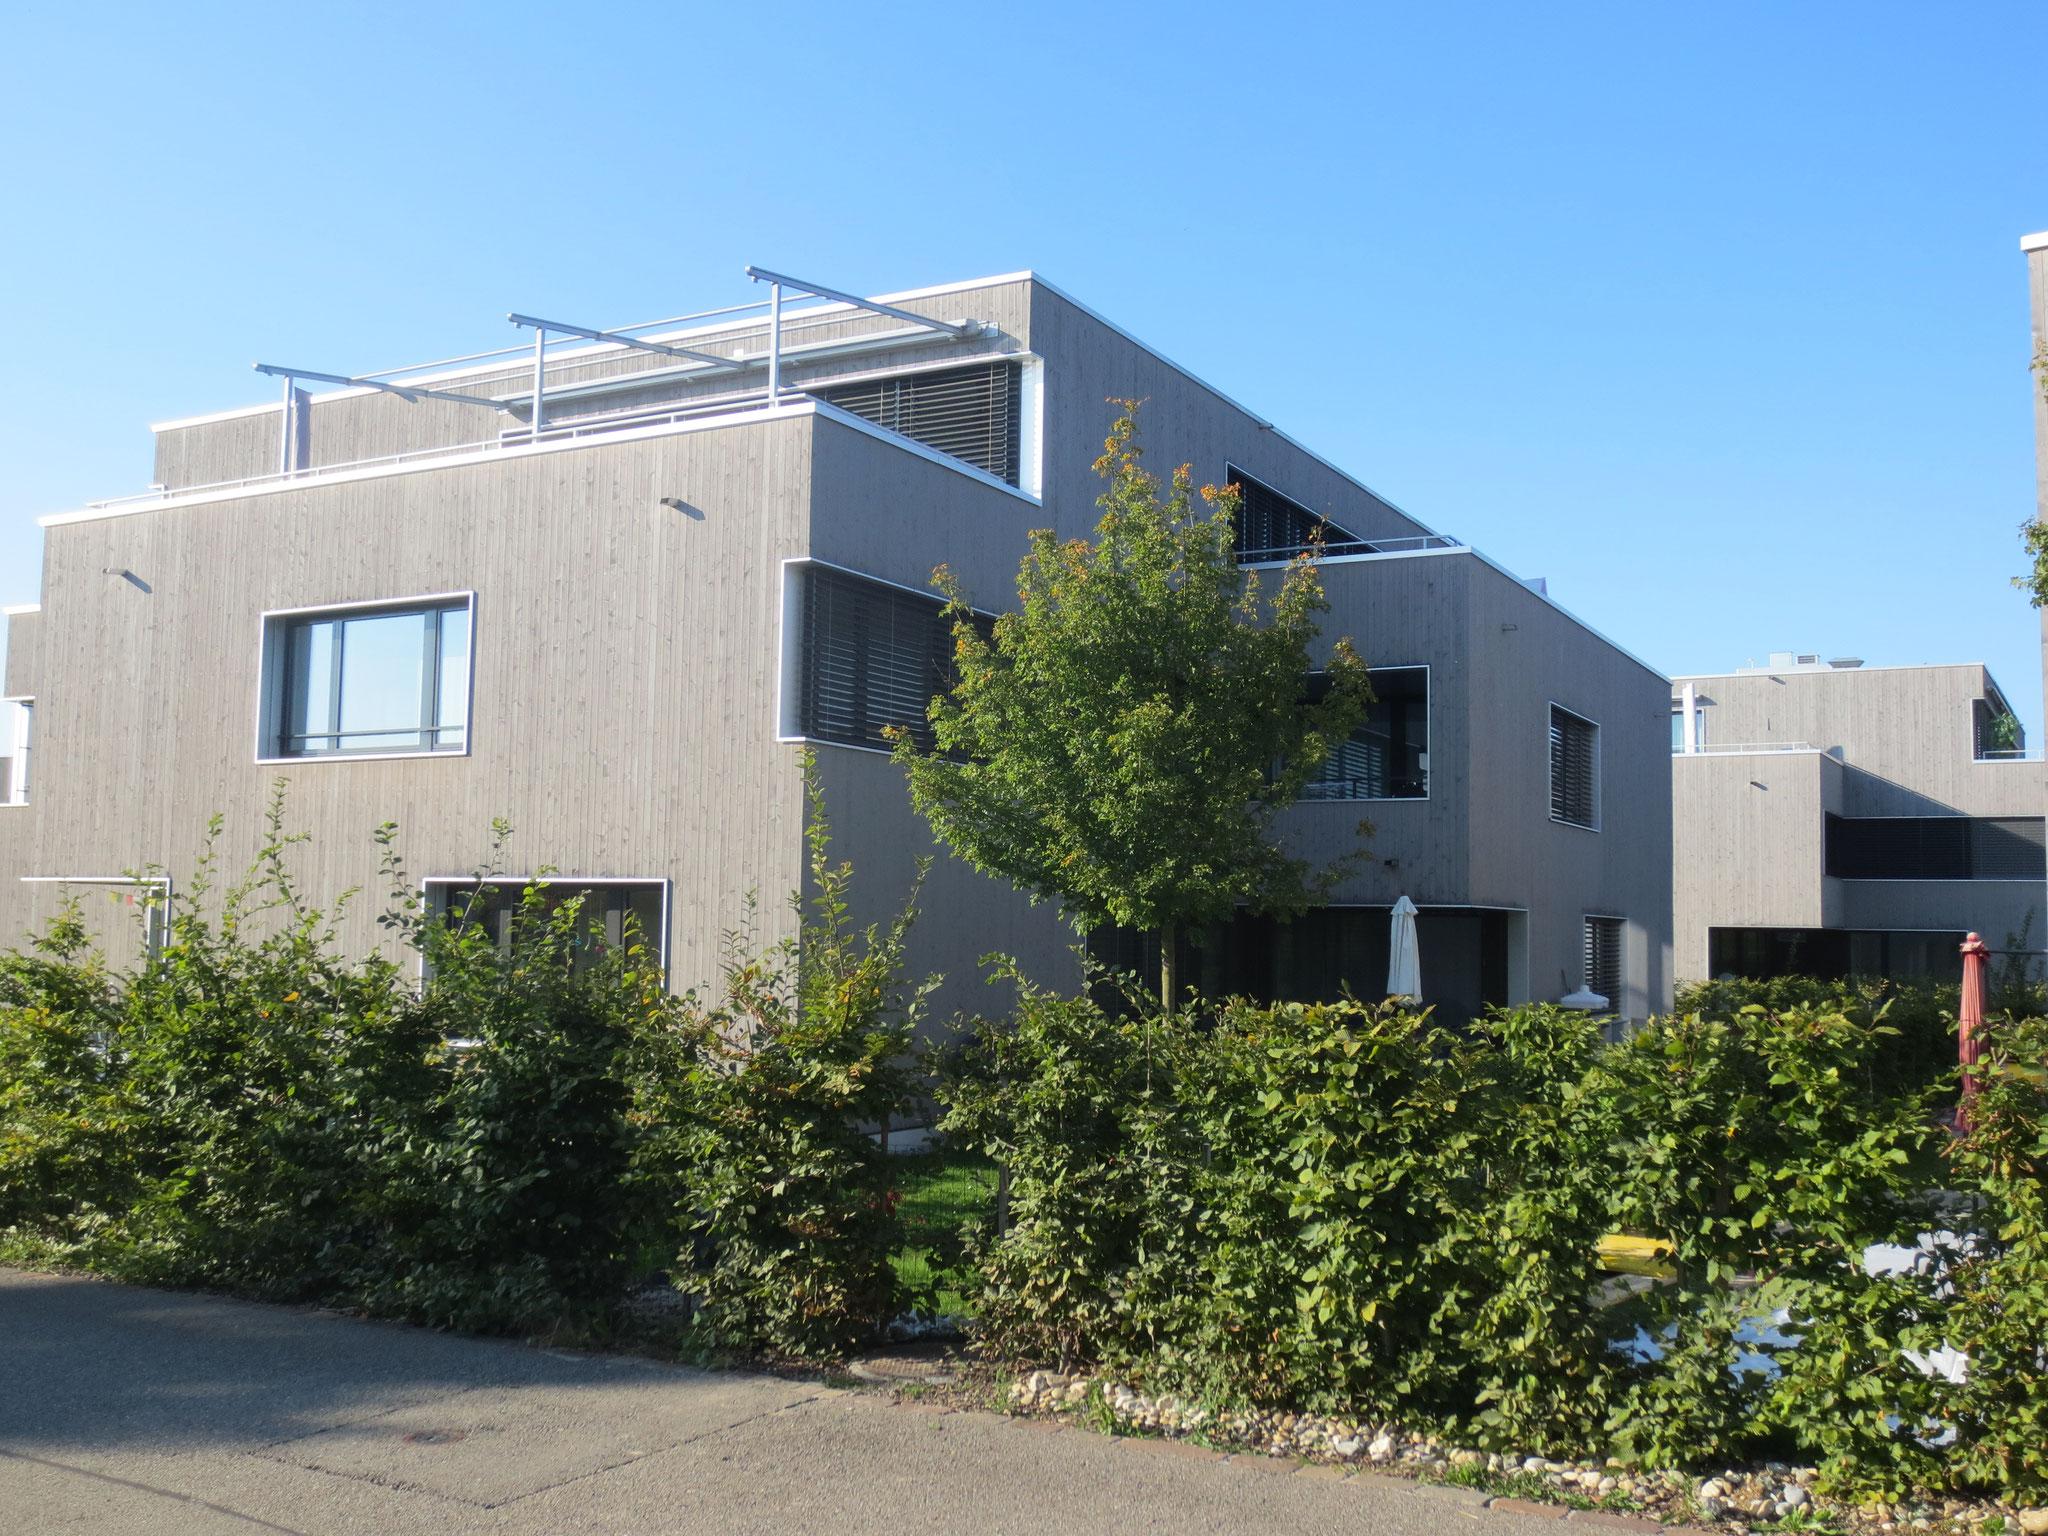 Nürensdorf Wohnung 3.5 Zimmer